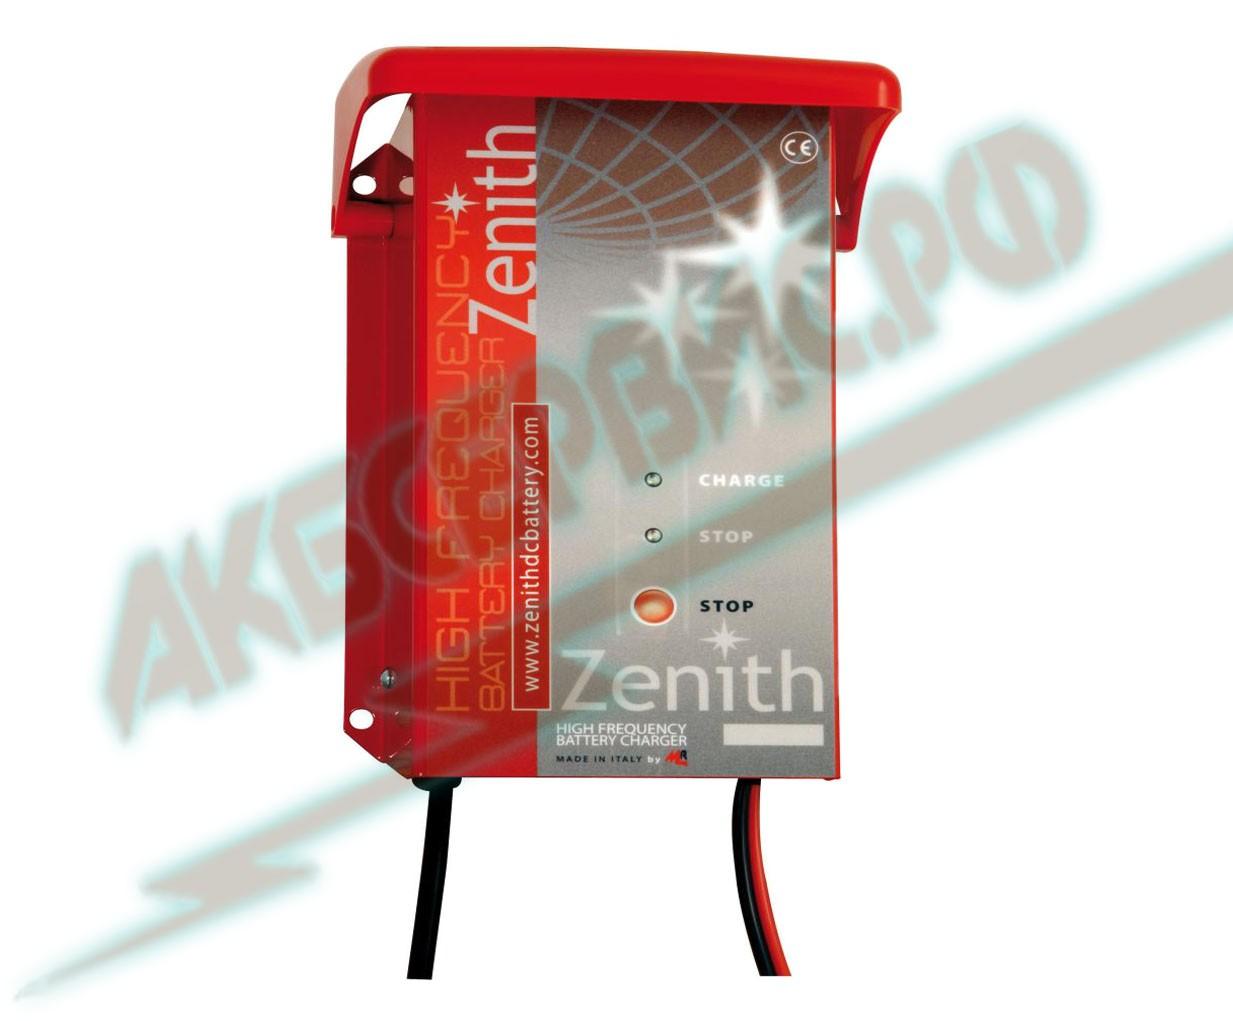 Акбсервис.РФ | Зарядное устройство - Zenith 3640